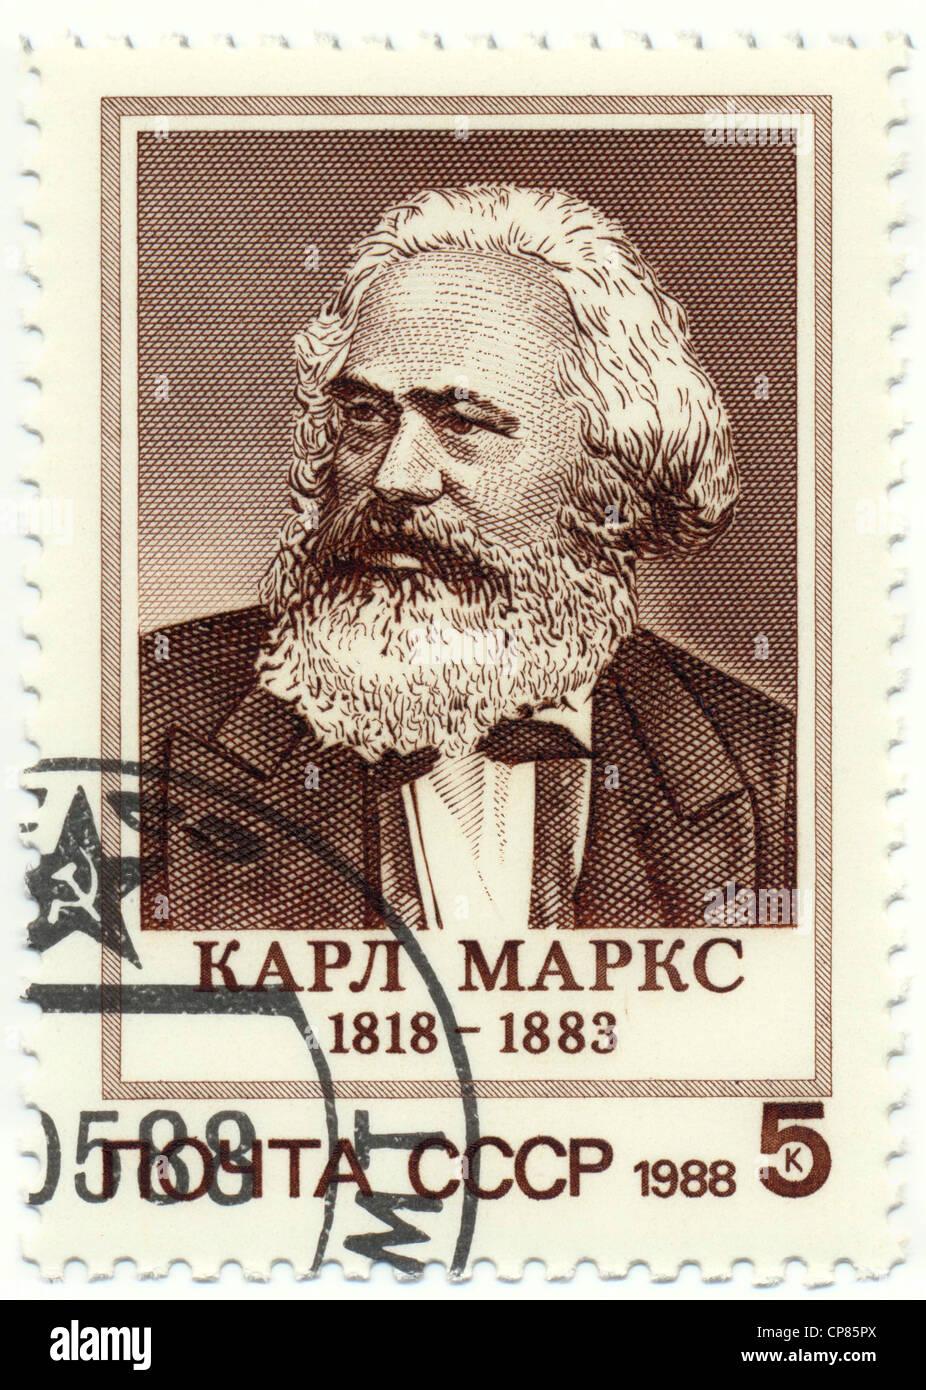 Historic postage stamps of the USSR, political motives, Historische Briefmarke, Karl Marx, 1988, UDSSR - Stock Image